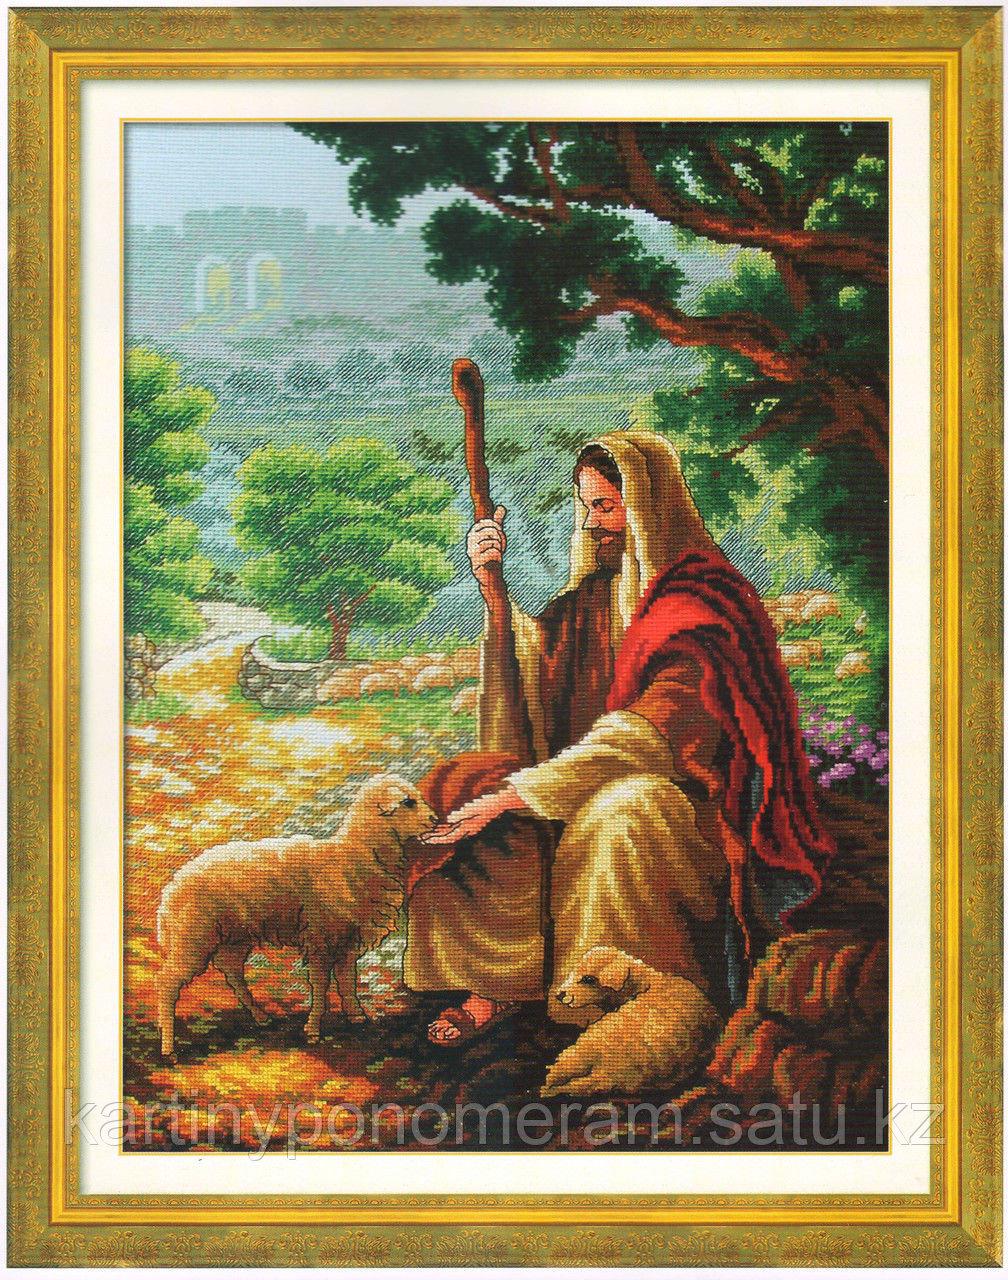 Вышивка крестом  DOME 60501, 33x45 см